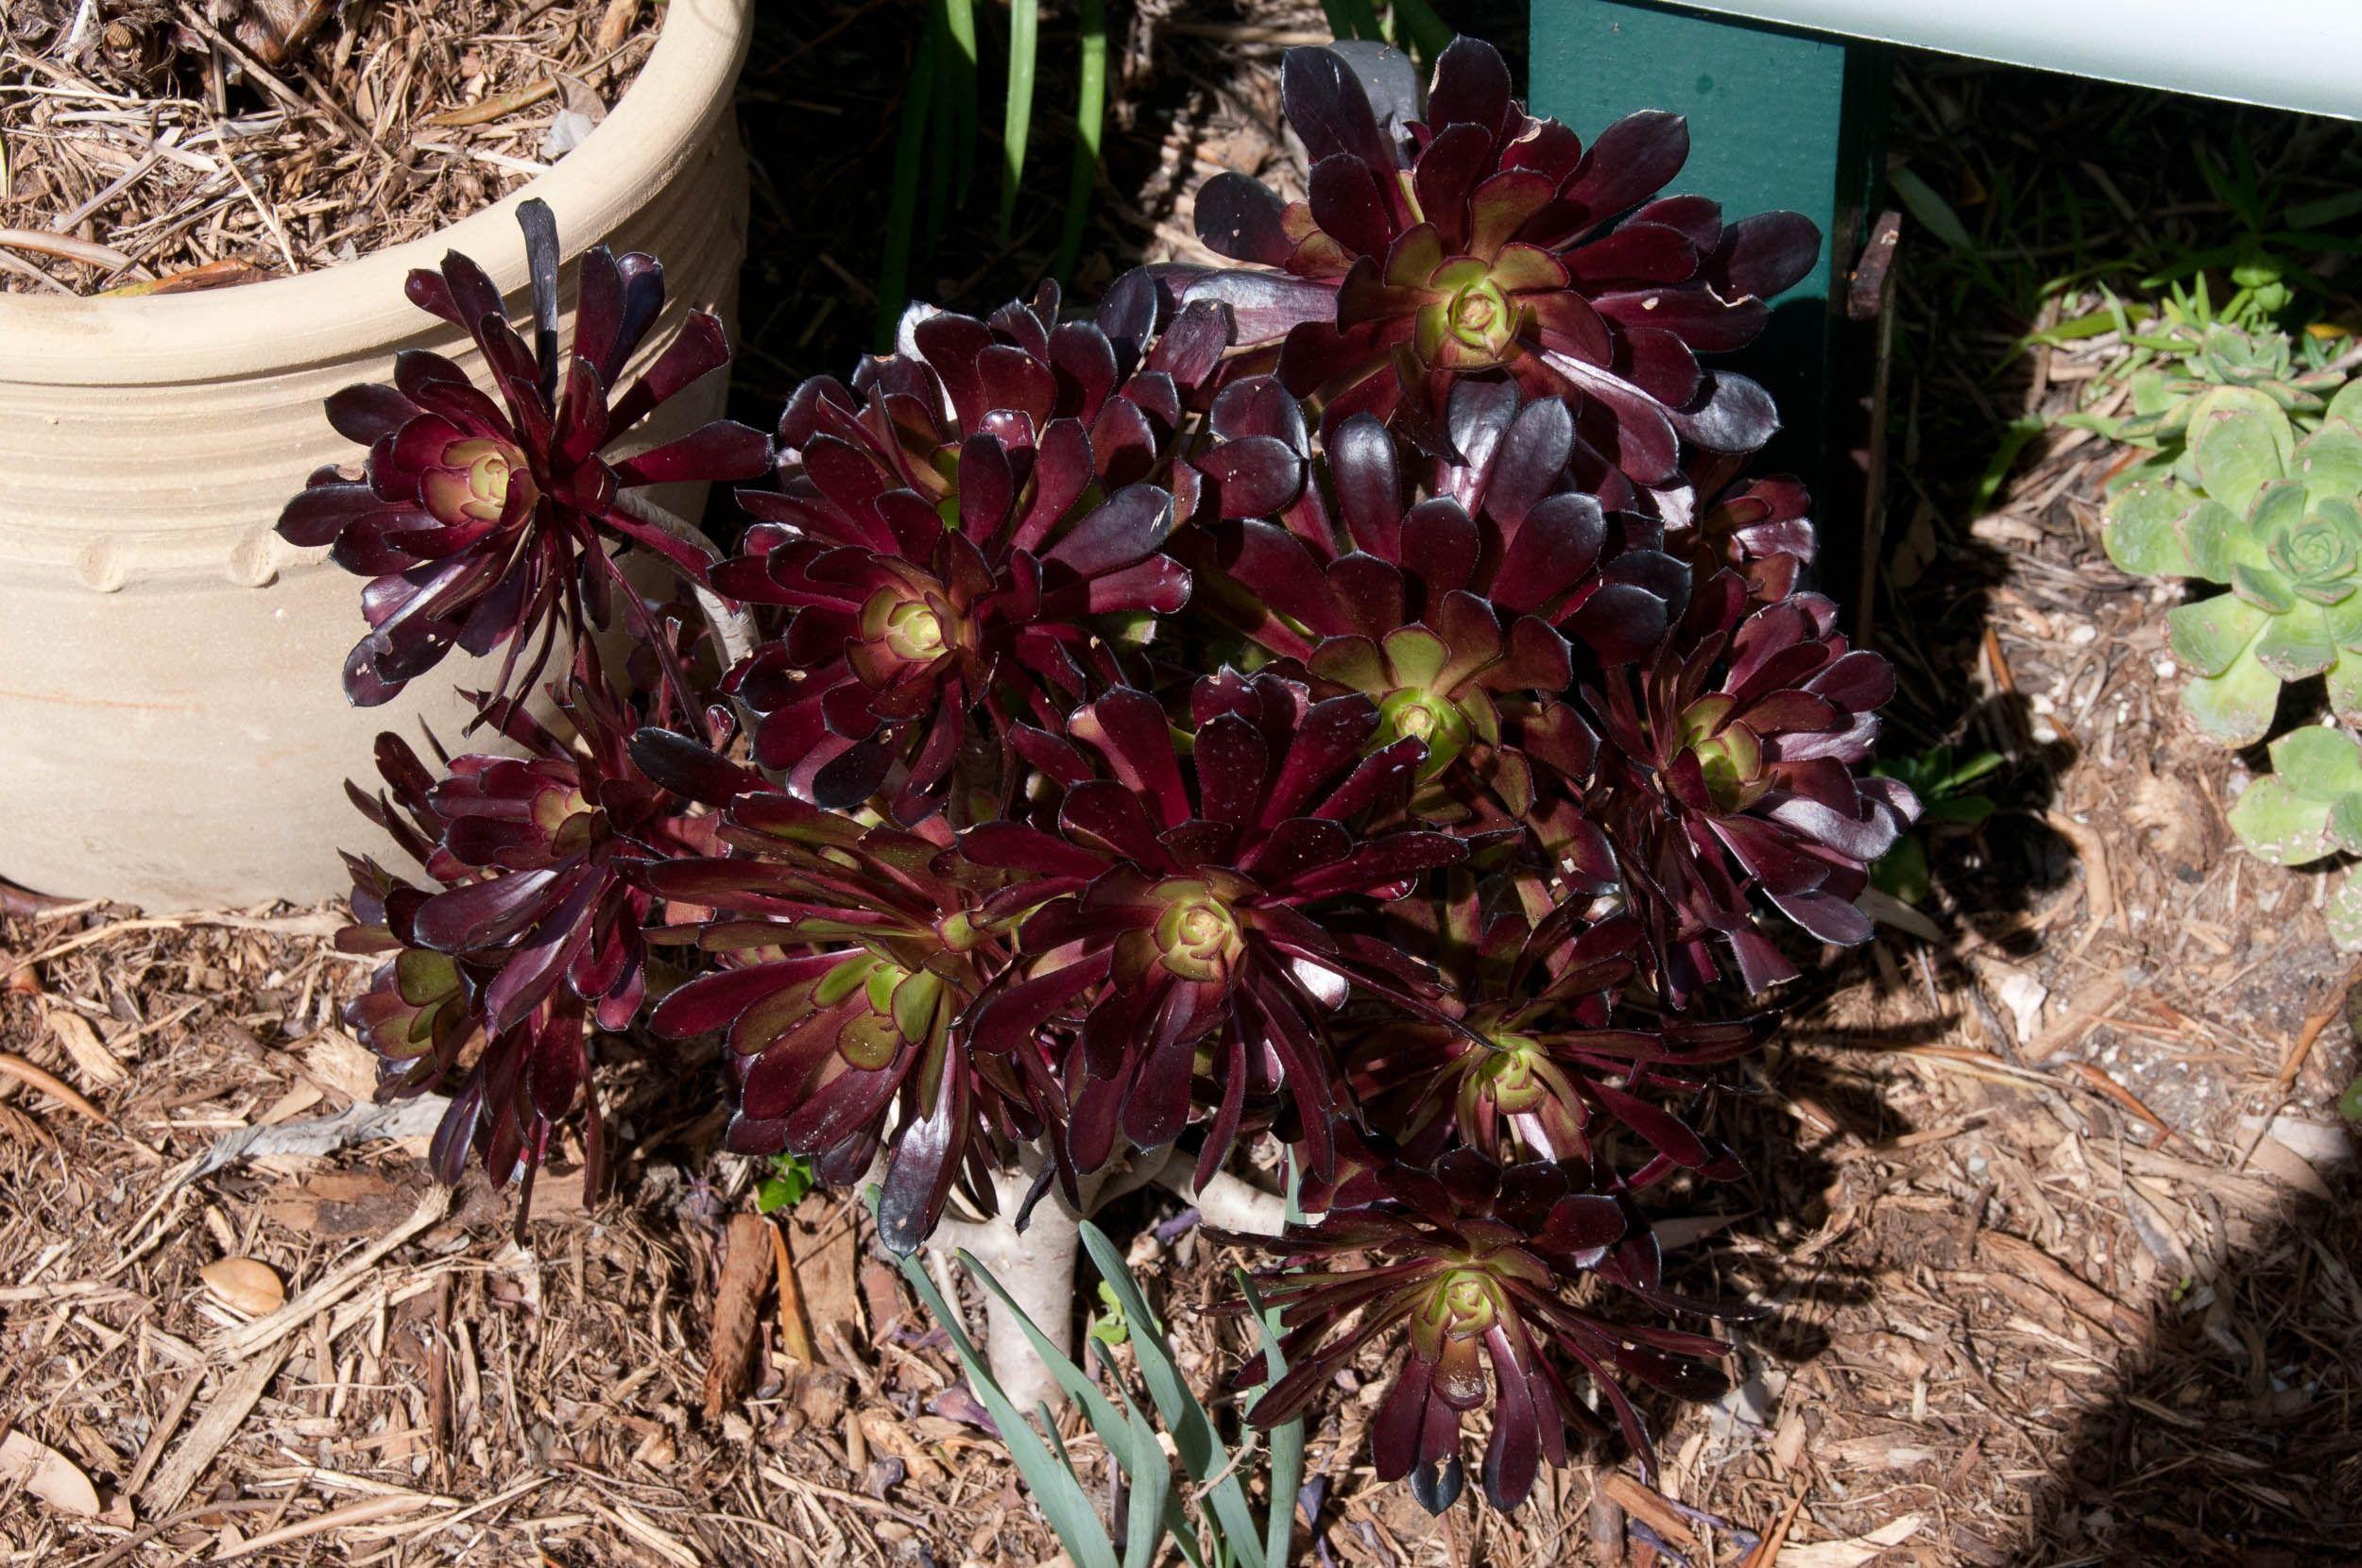 Aeonium arboreum 'Zwartkop' (Aeonium Zwartkop) FRONT & REAR YARD